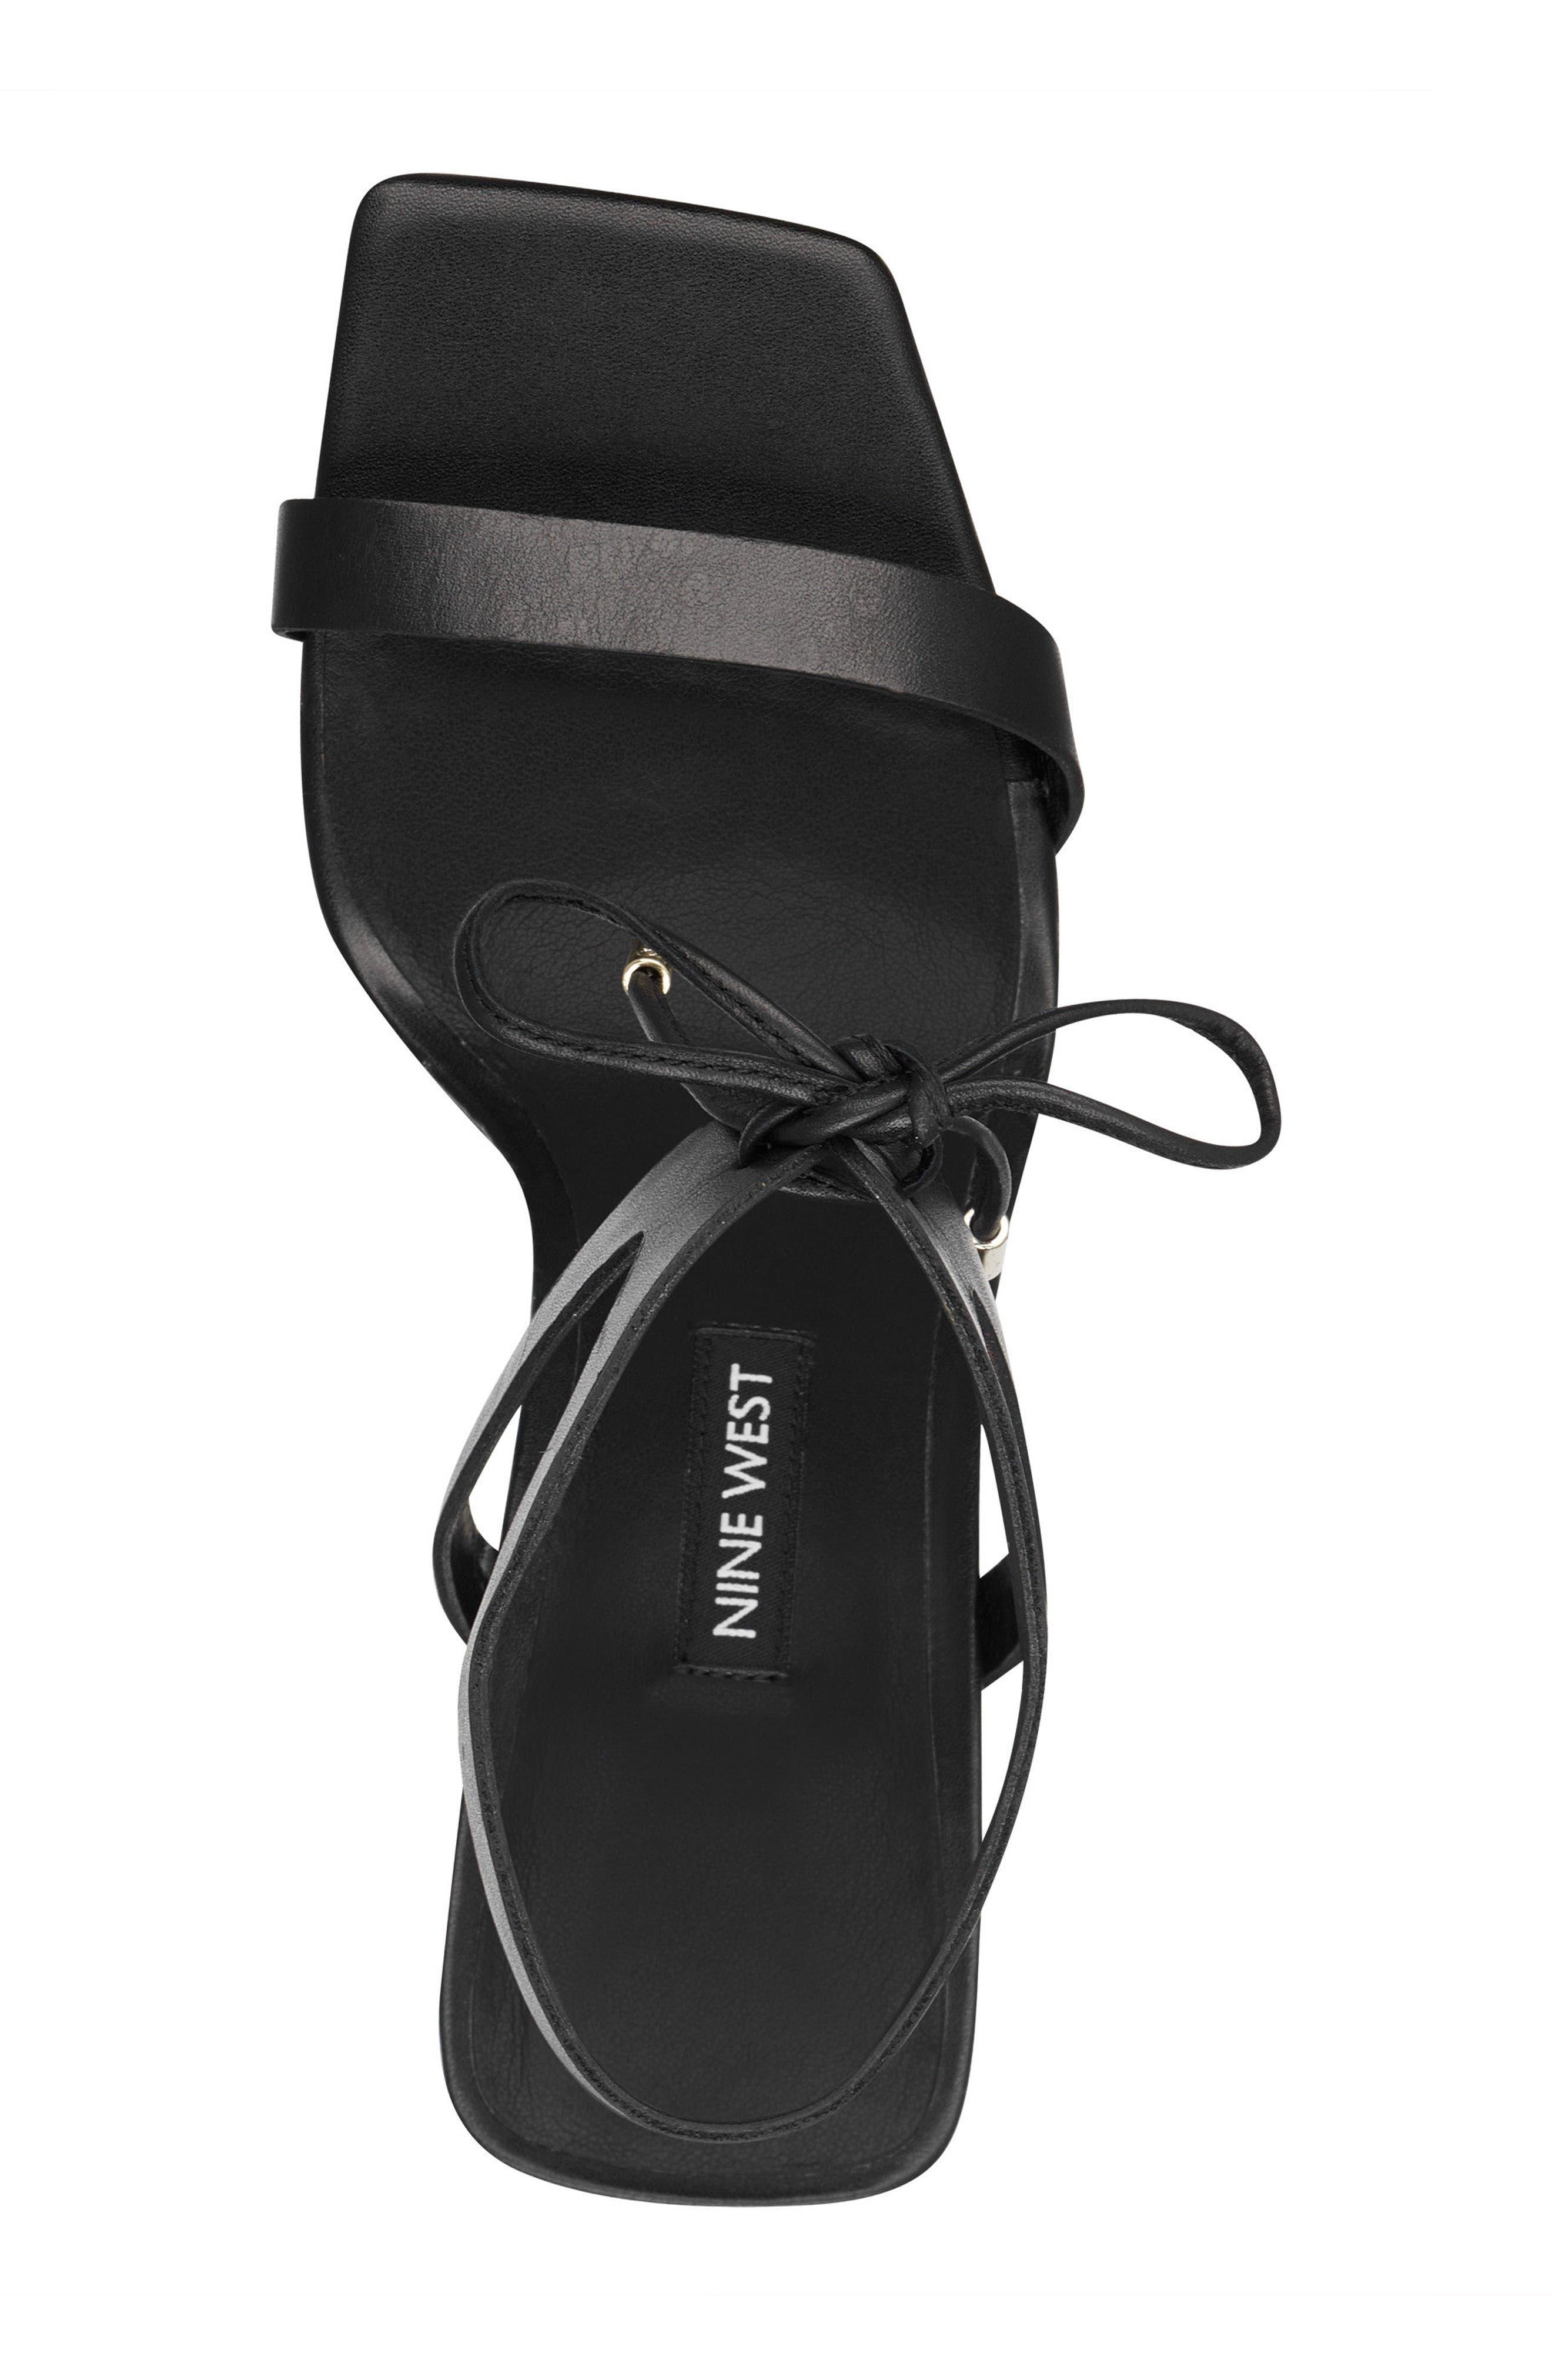 Longitano Squared Toe Sandal,                             Alternate thumbnail 5, color,                             BLACK LEATHER